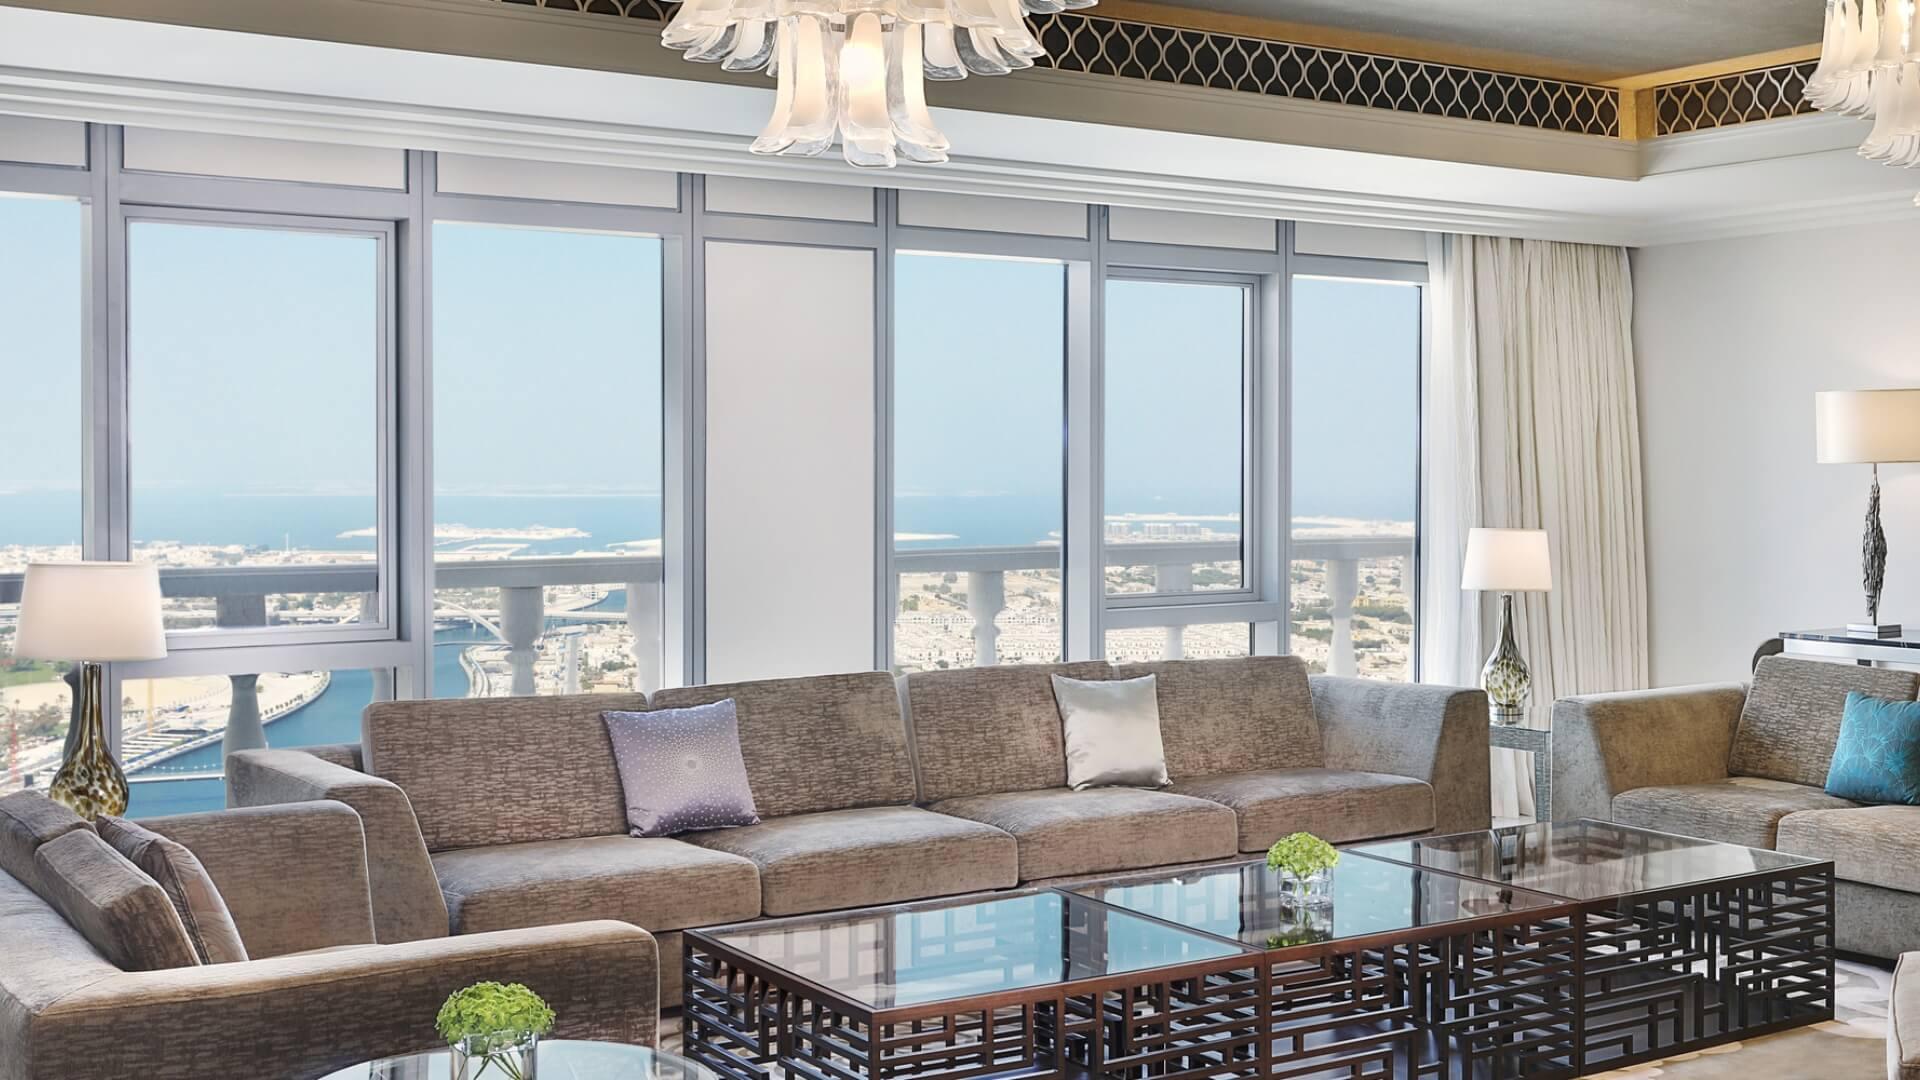 Ático en venta en Dubai, EAU, 6 dormitorios, 877 m2, № 24387 – foto 1